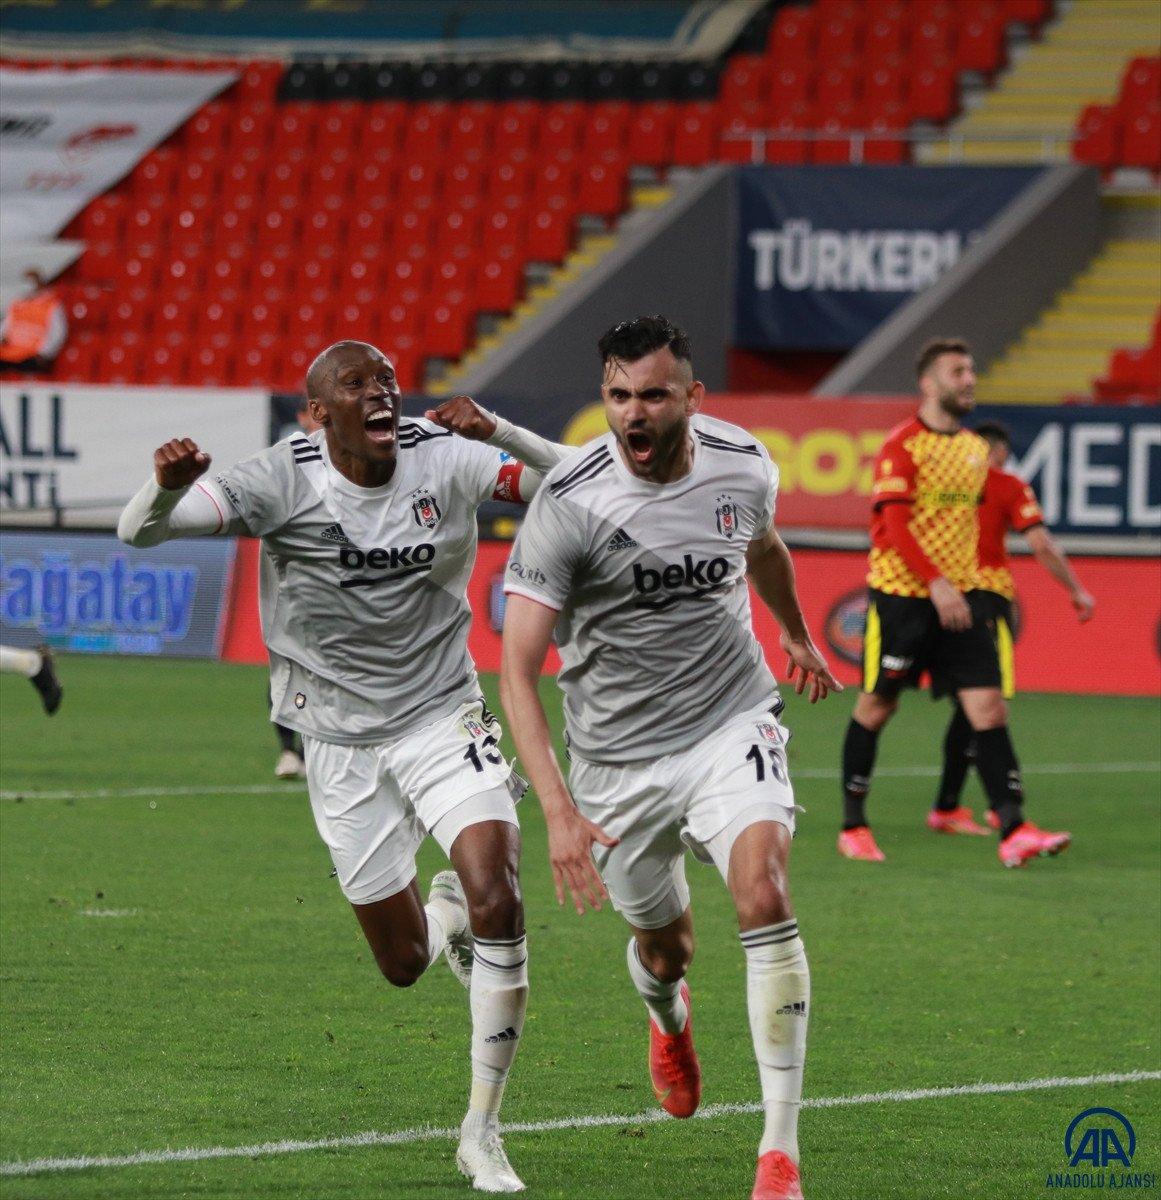 2020-2021 sezonu şampiyonu Beşiktaş #1